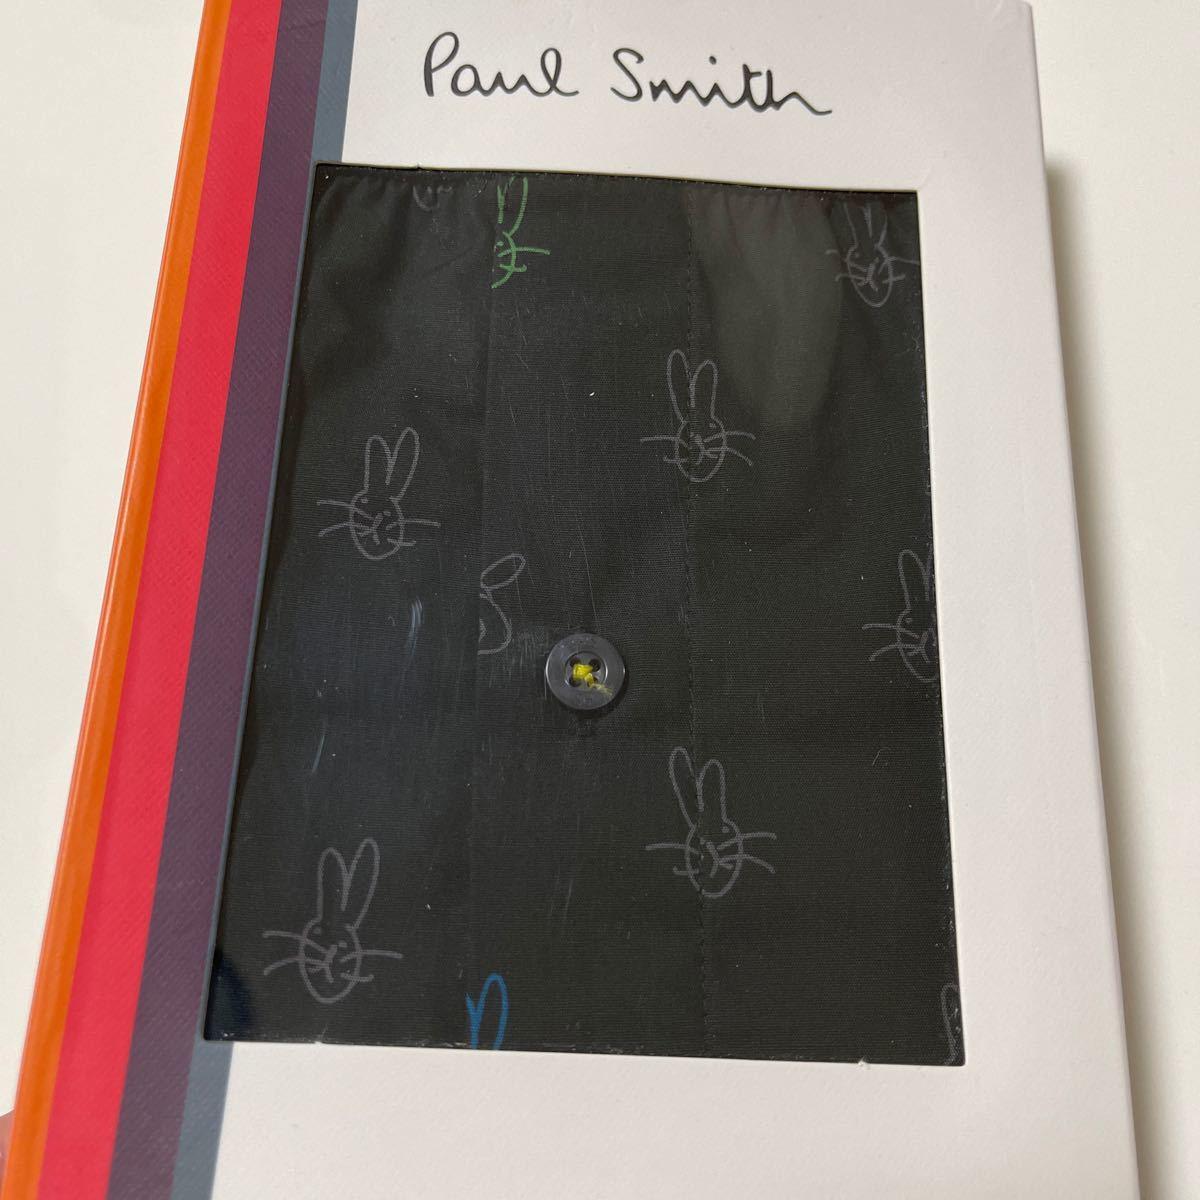 新品Paul Smith ポールスミス ボクサーパンツ アンダーウェア トランクス ラビット ブラック ネイビー セット サイズL